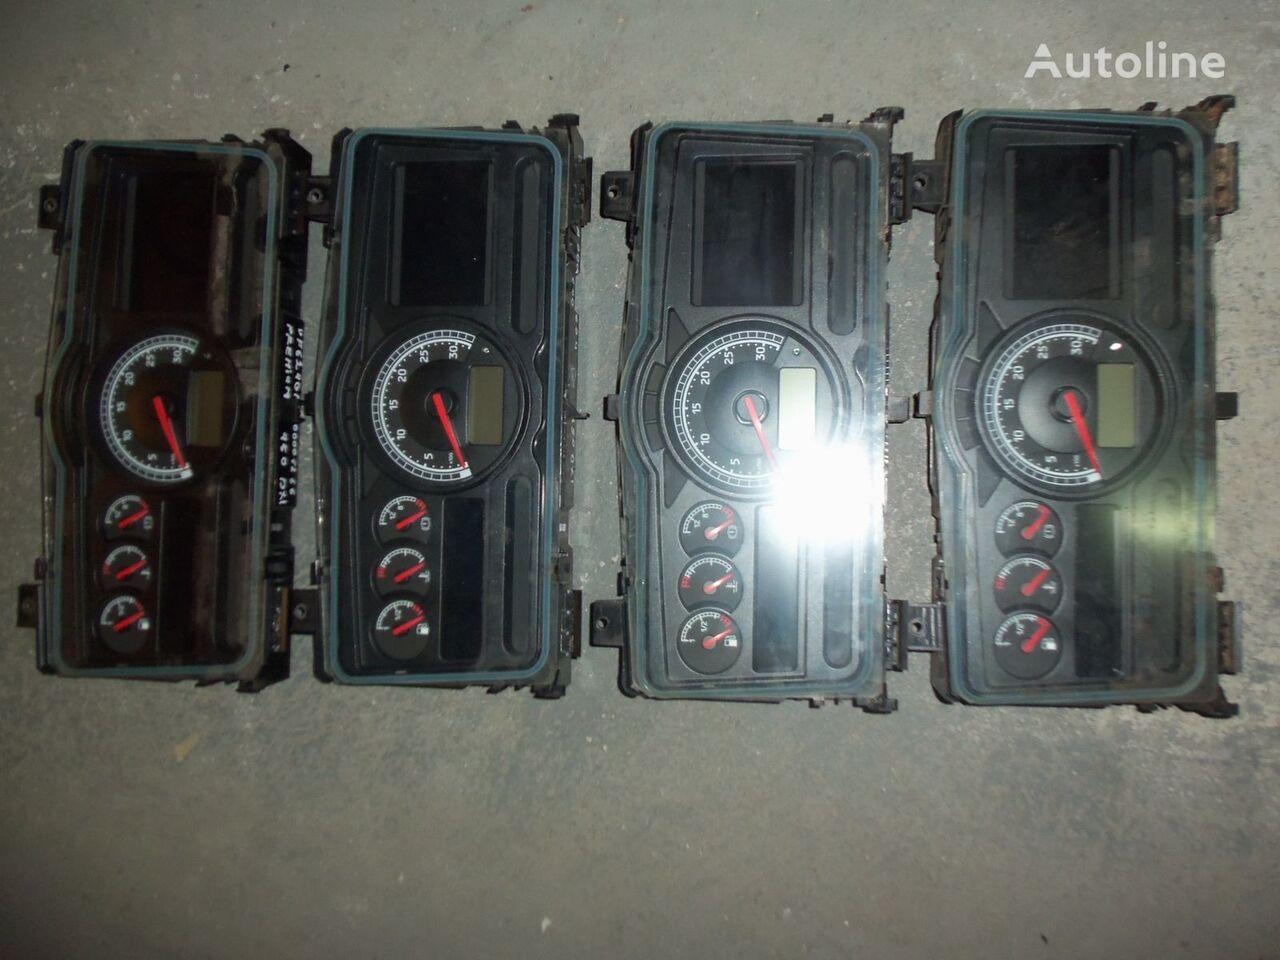 ελκυστήρας RENAULT Premium DXI για πίνακας οργάνων  Renault Premium DXI instrument panel, dashboard, 7420771818